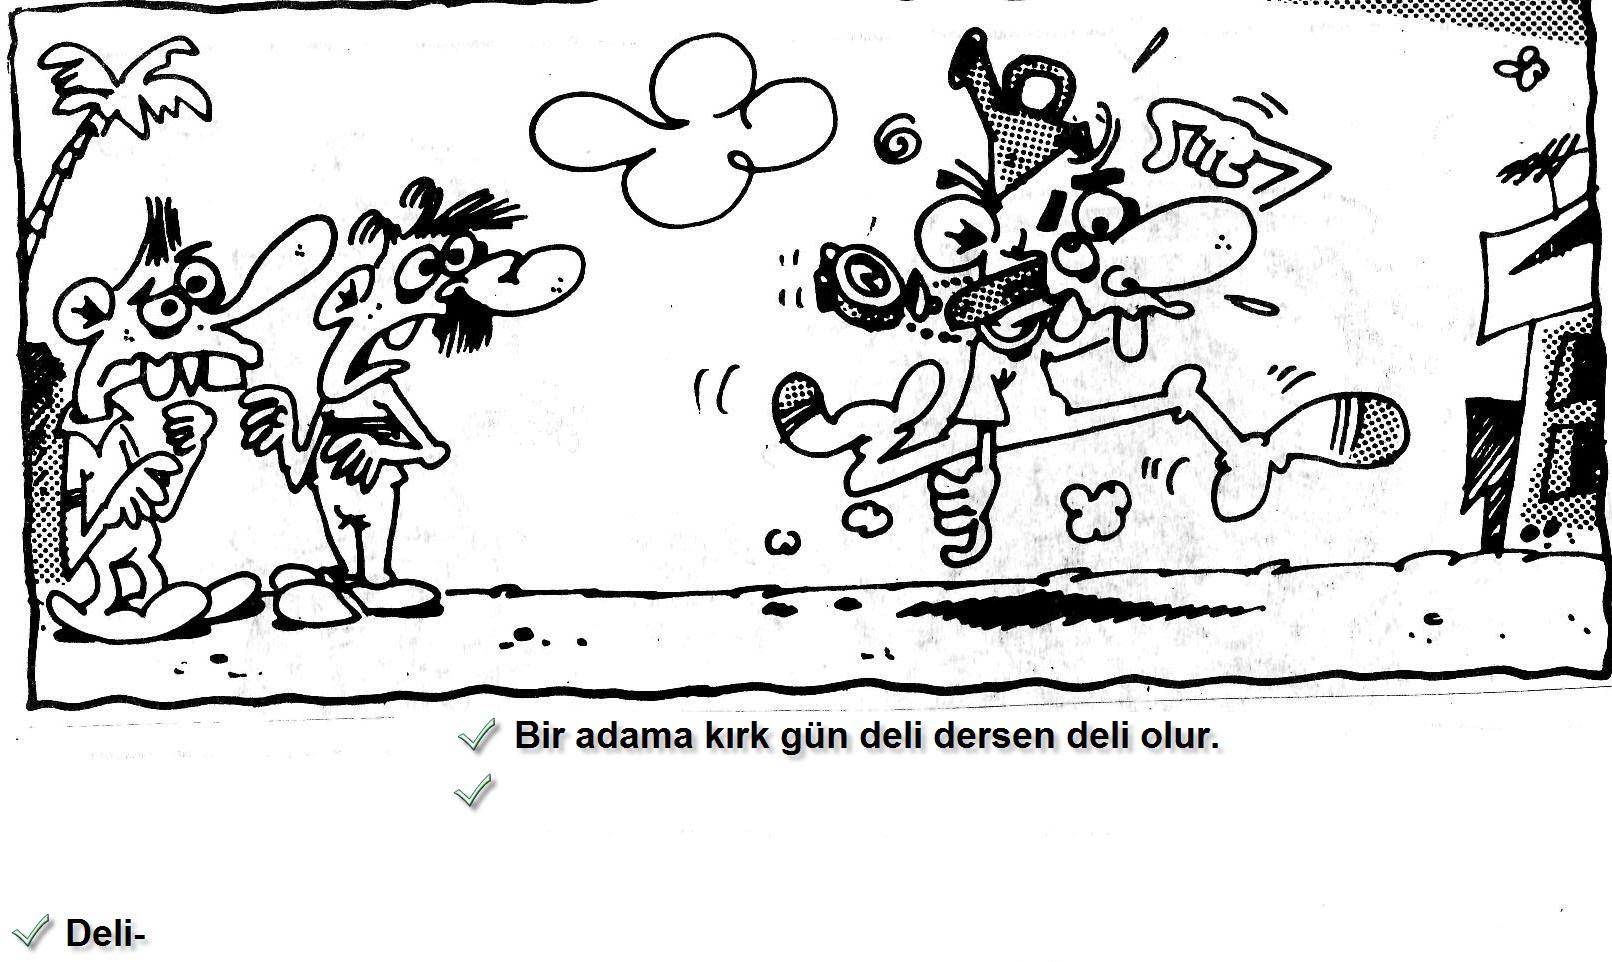 bir_adama_kirk_gun_deli_dersen_deli_olur.jpg